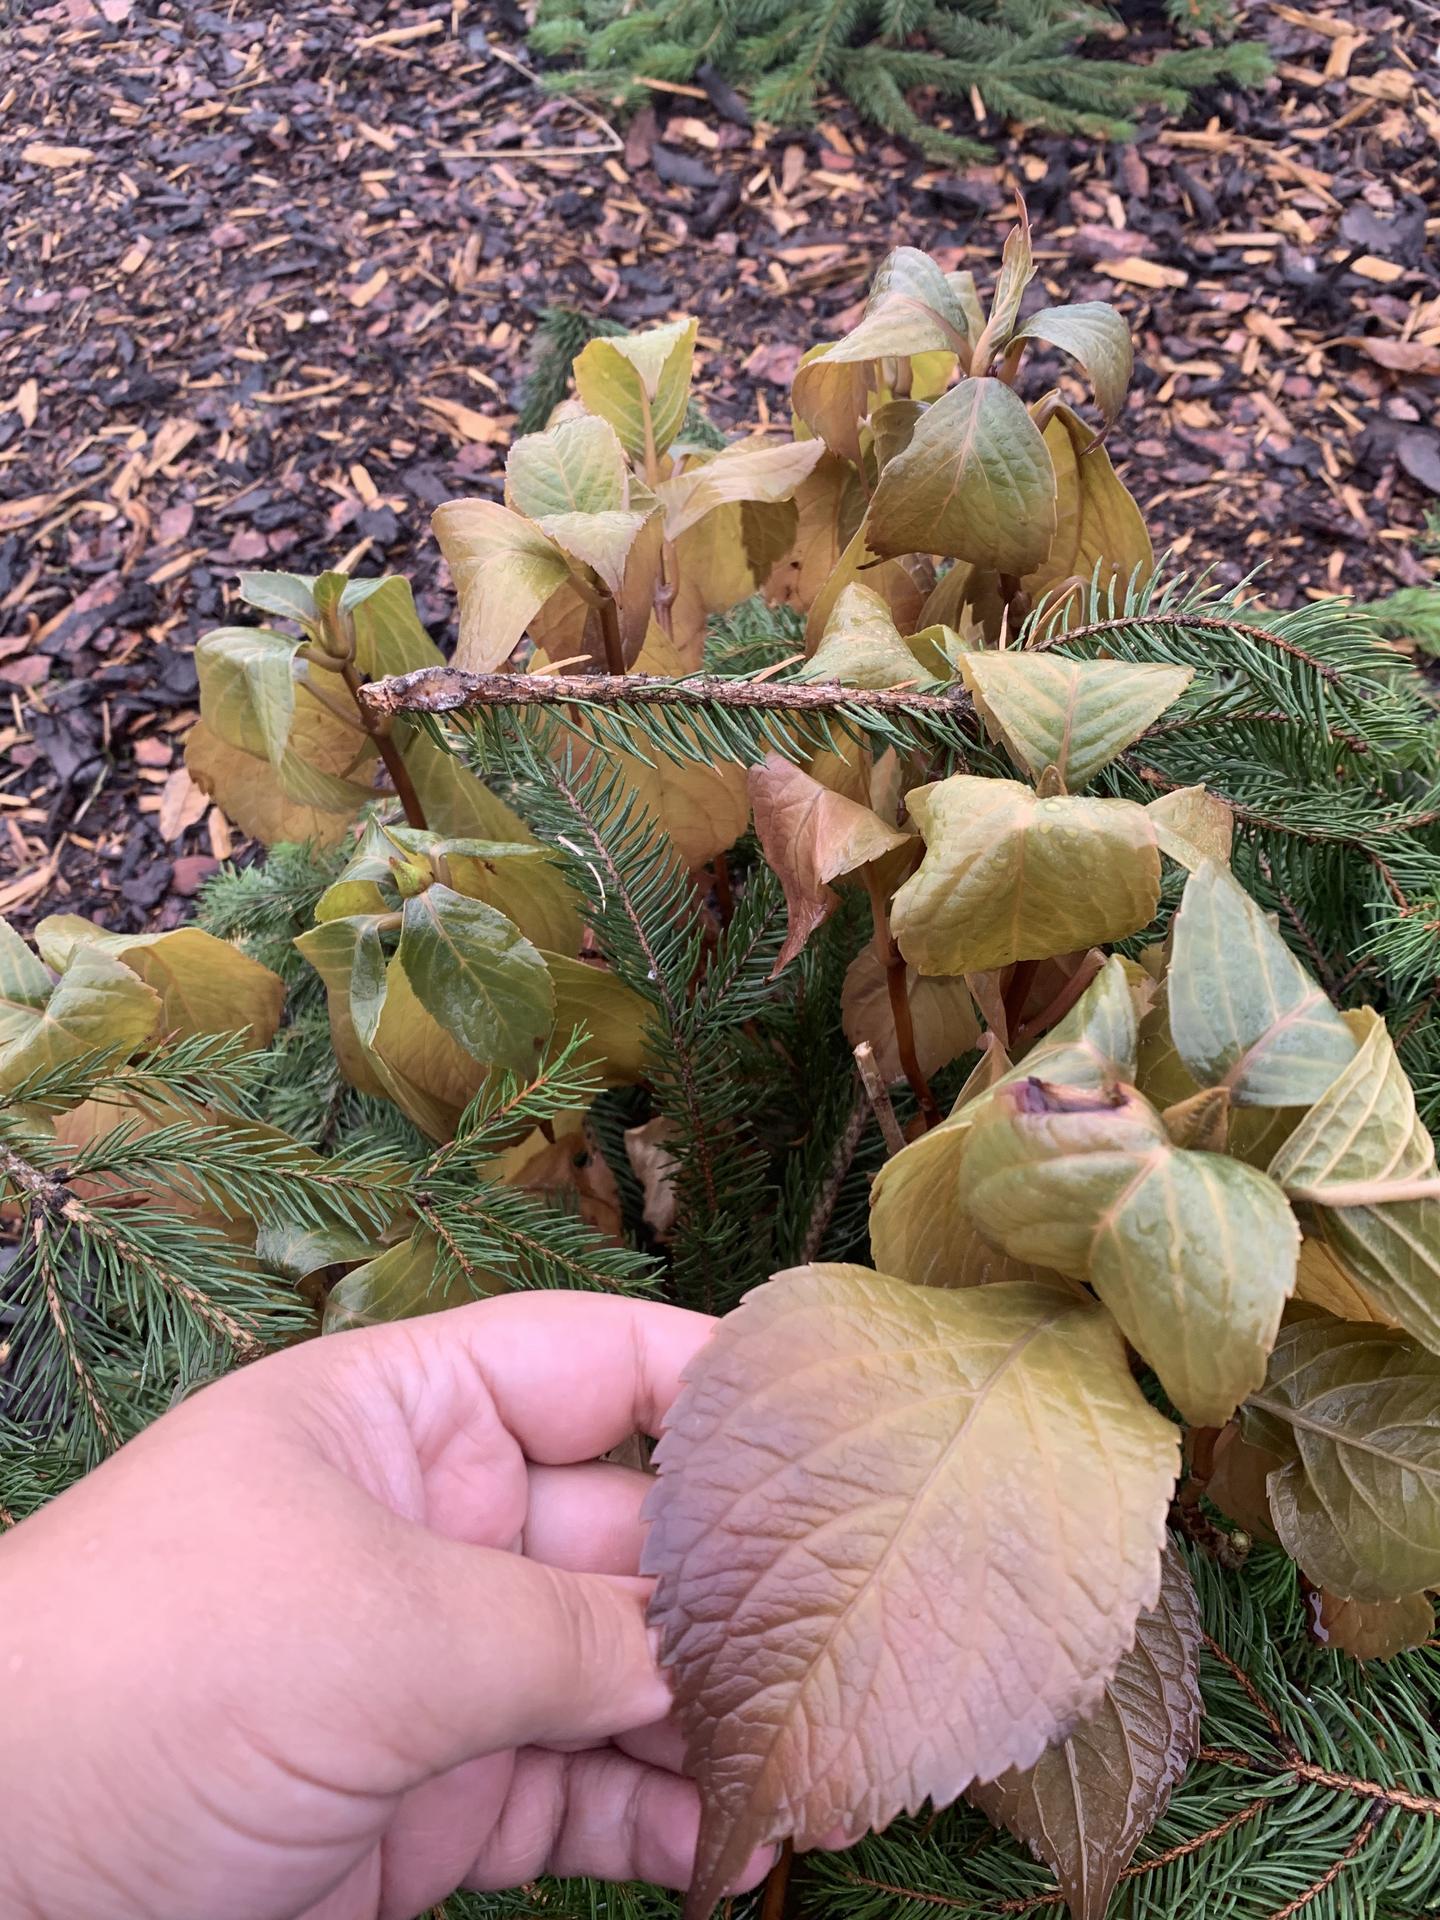 Zasadili jsme na zahradě hortenzii forever ted, která by mela byt mrazuvzodrna do cca -20 stupňů. Takhle vypada po prvním mraziku. Listy jsou jakoby gelove. Je to omrzle? Odpadají listy na zimu a na jaře raší nové nebo je to cele na vyhození. Pani v zahradnictví mi rikala, ze ji nemusíme ani zazimovavat :( mate nekdo zkušenosti? - Obrázek č. 1